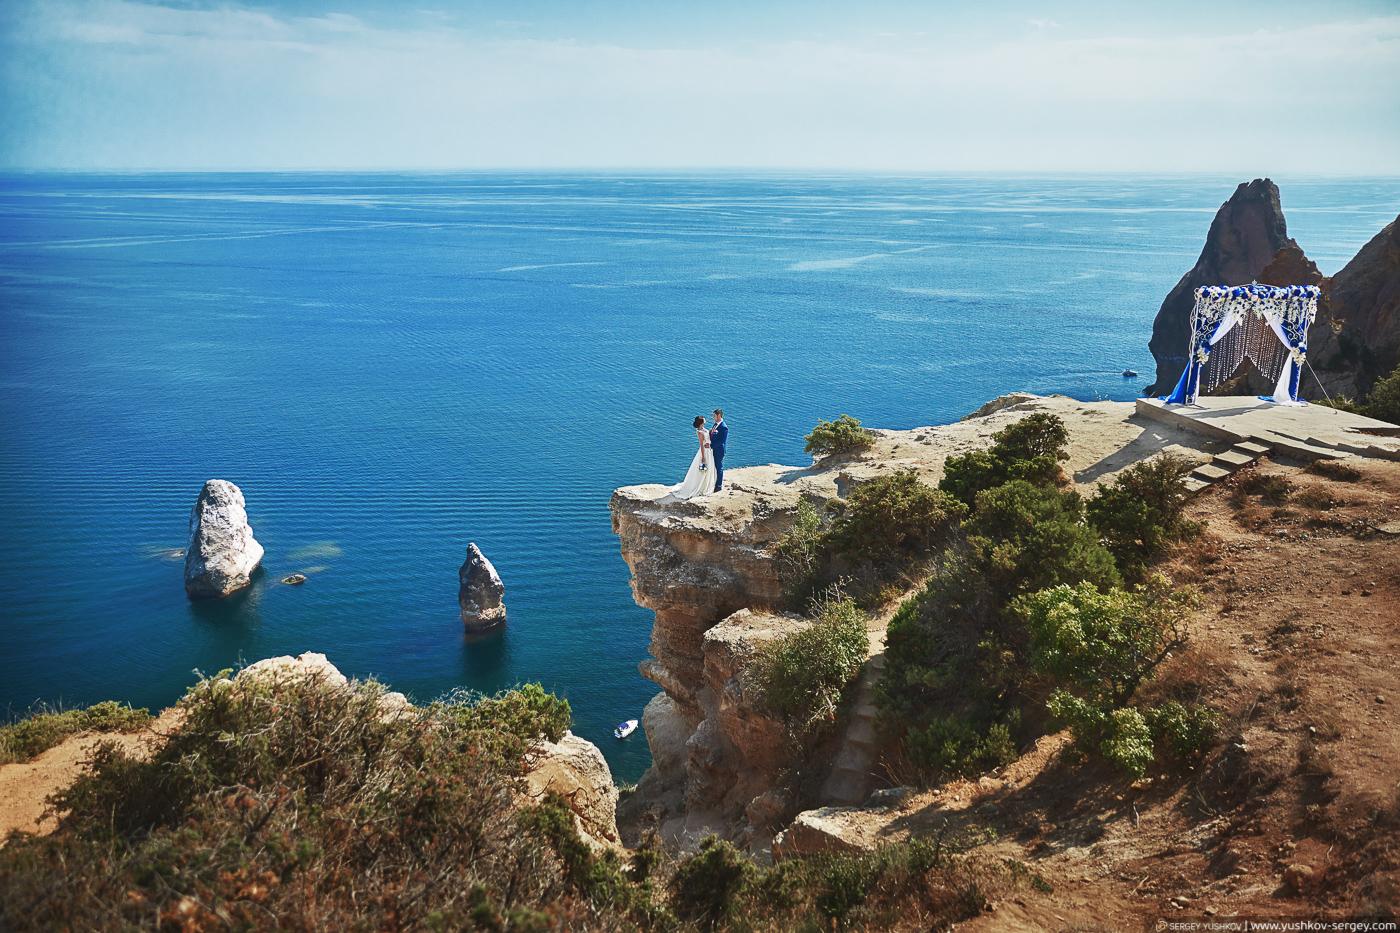 Свадебная фотосессия для двоих у моря. Крым. Фотограф - Сергей Юшков.